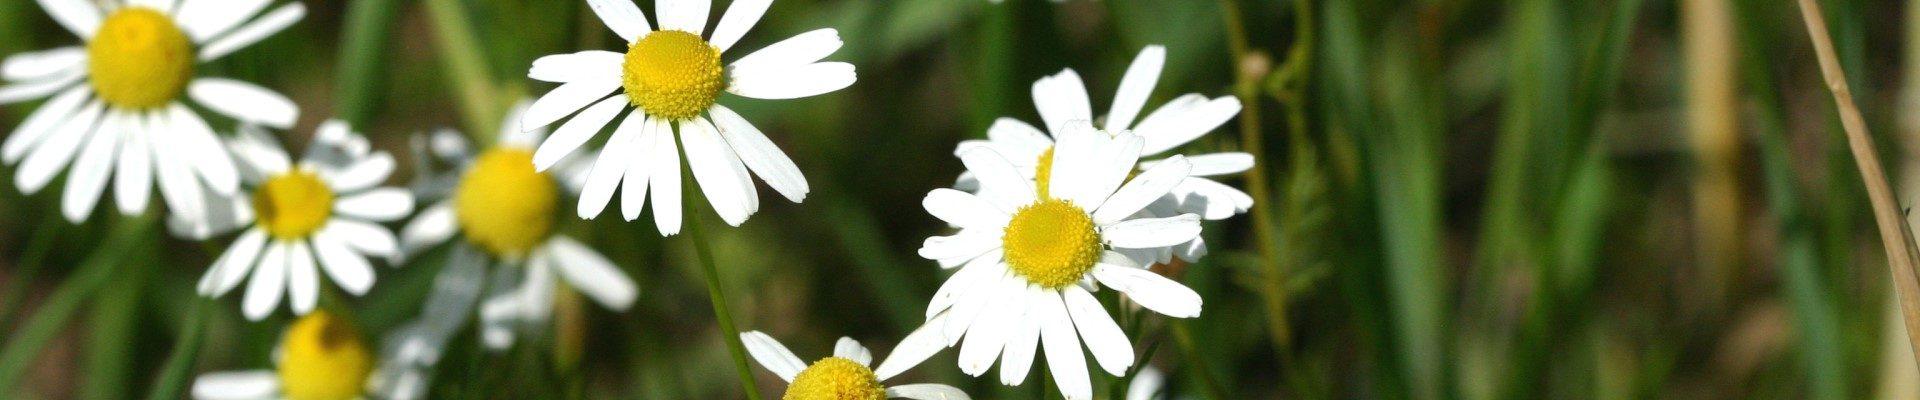 Kamille in meinem Heilkräuter-Garten in Varel